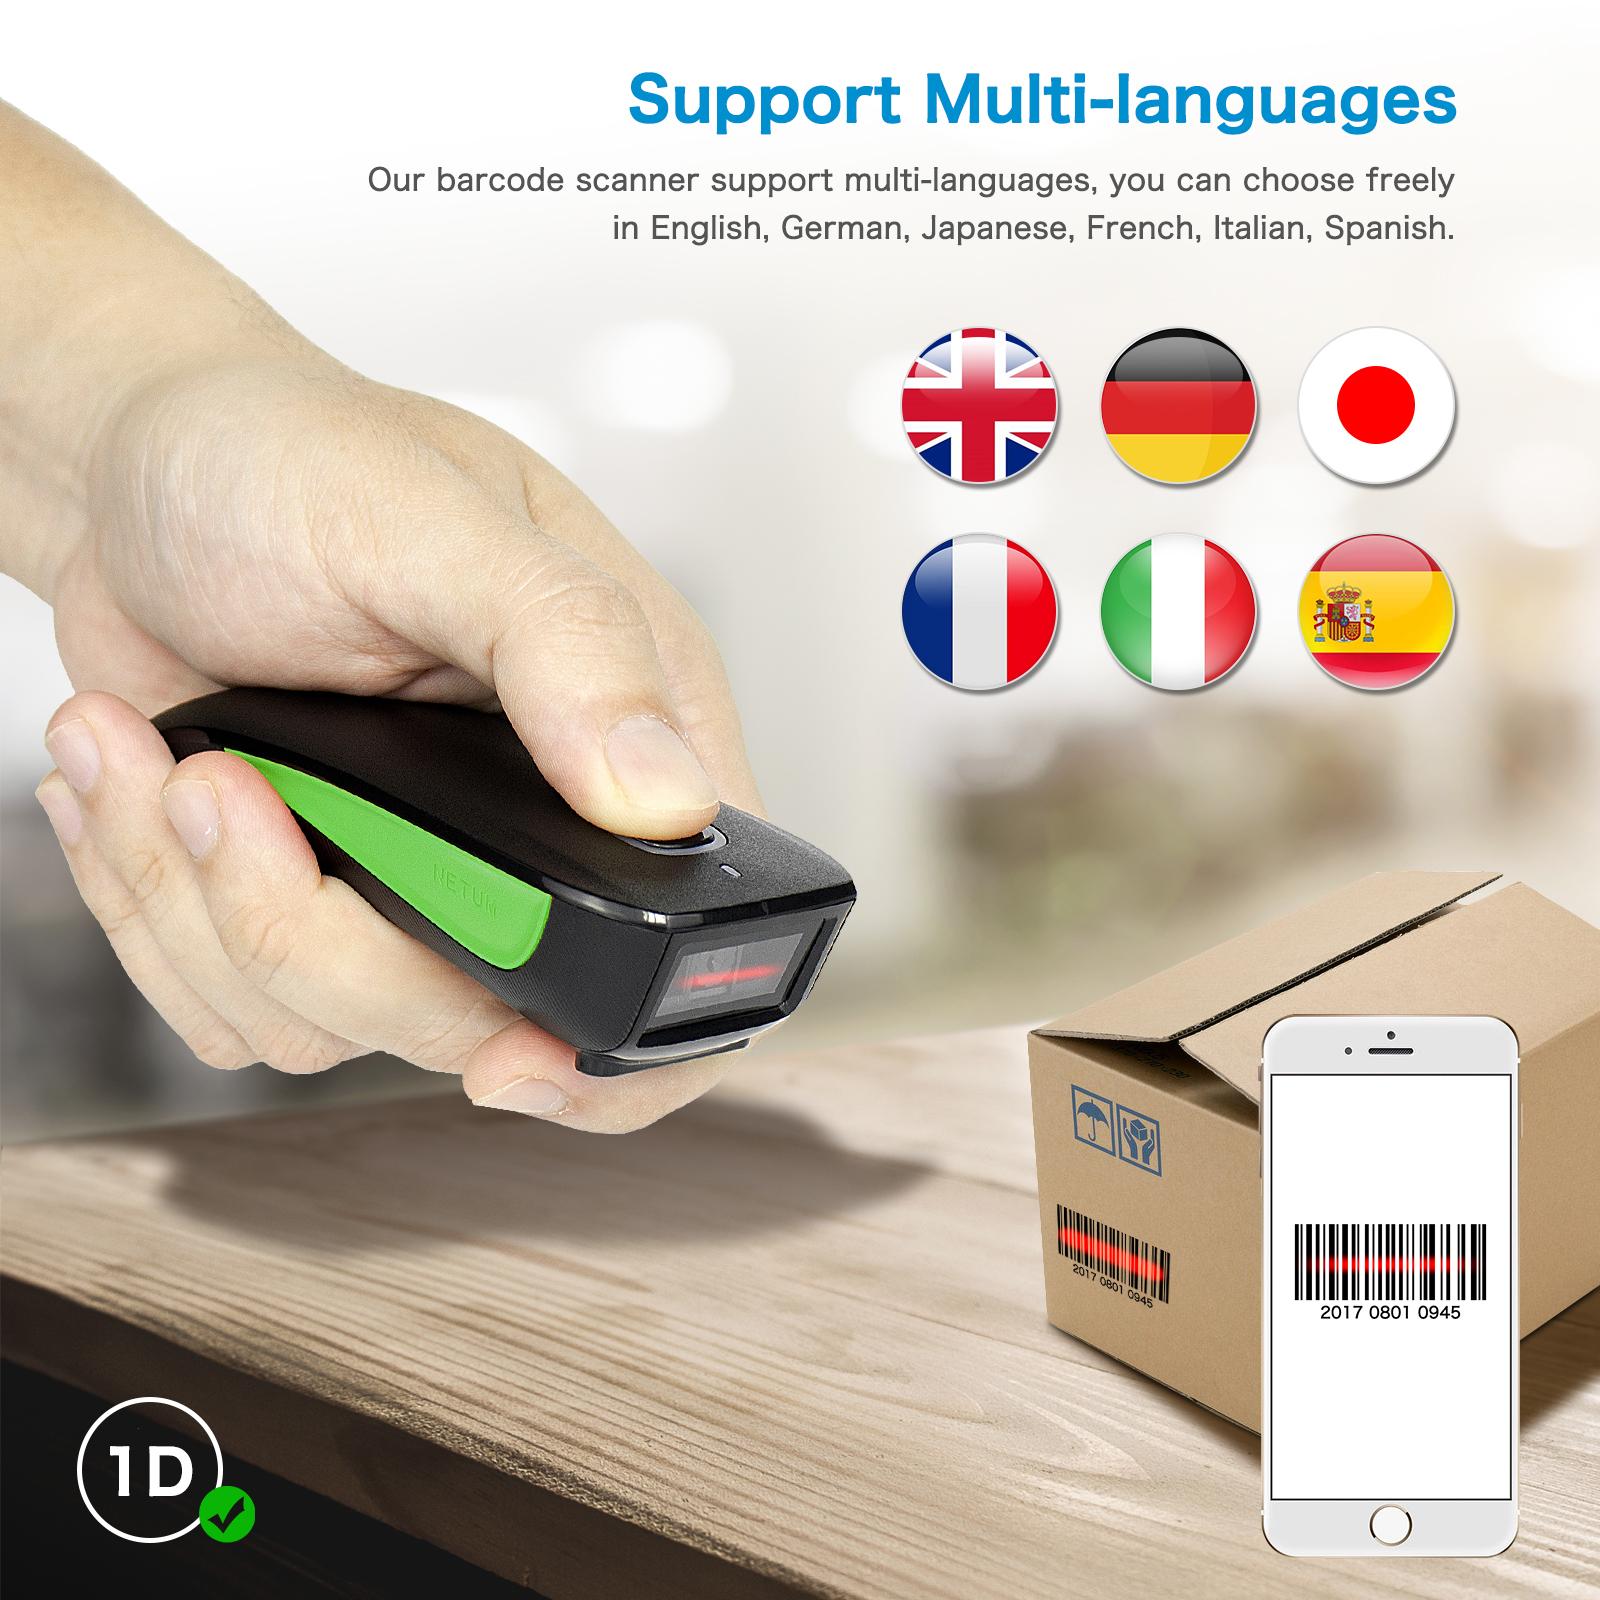 1D Bluetooth Wireless Barcode Reader Manufacturers, 1D Bluetooth Wireless Barcode Reader Factory, Supply 1D Bluetooth Wireless Barcode Reader